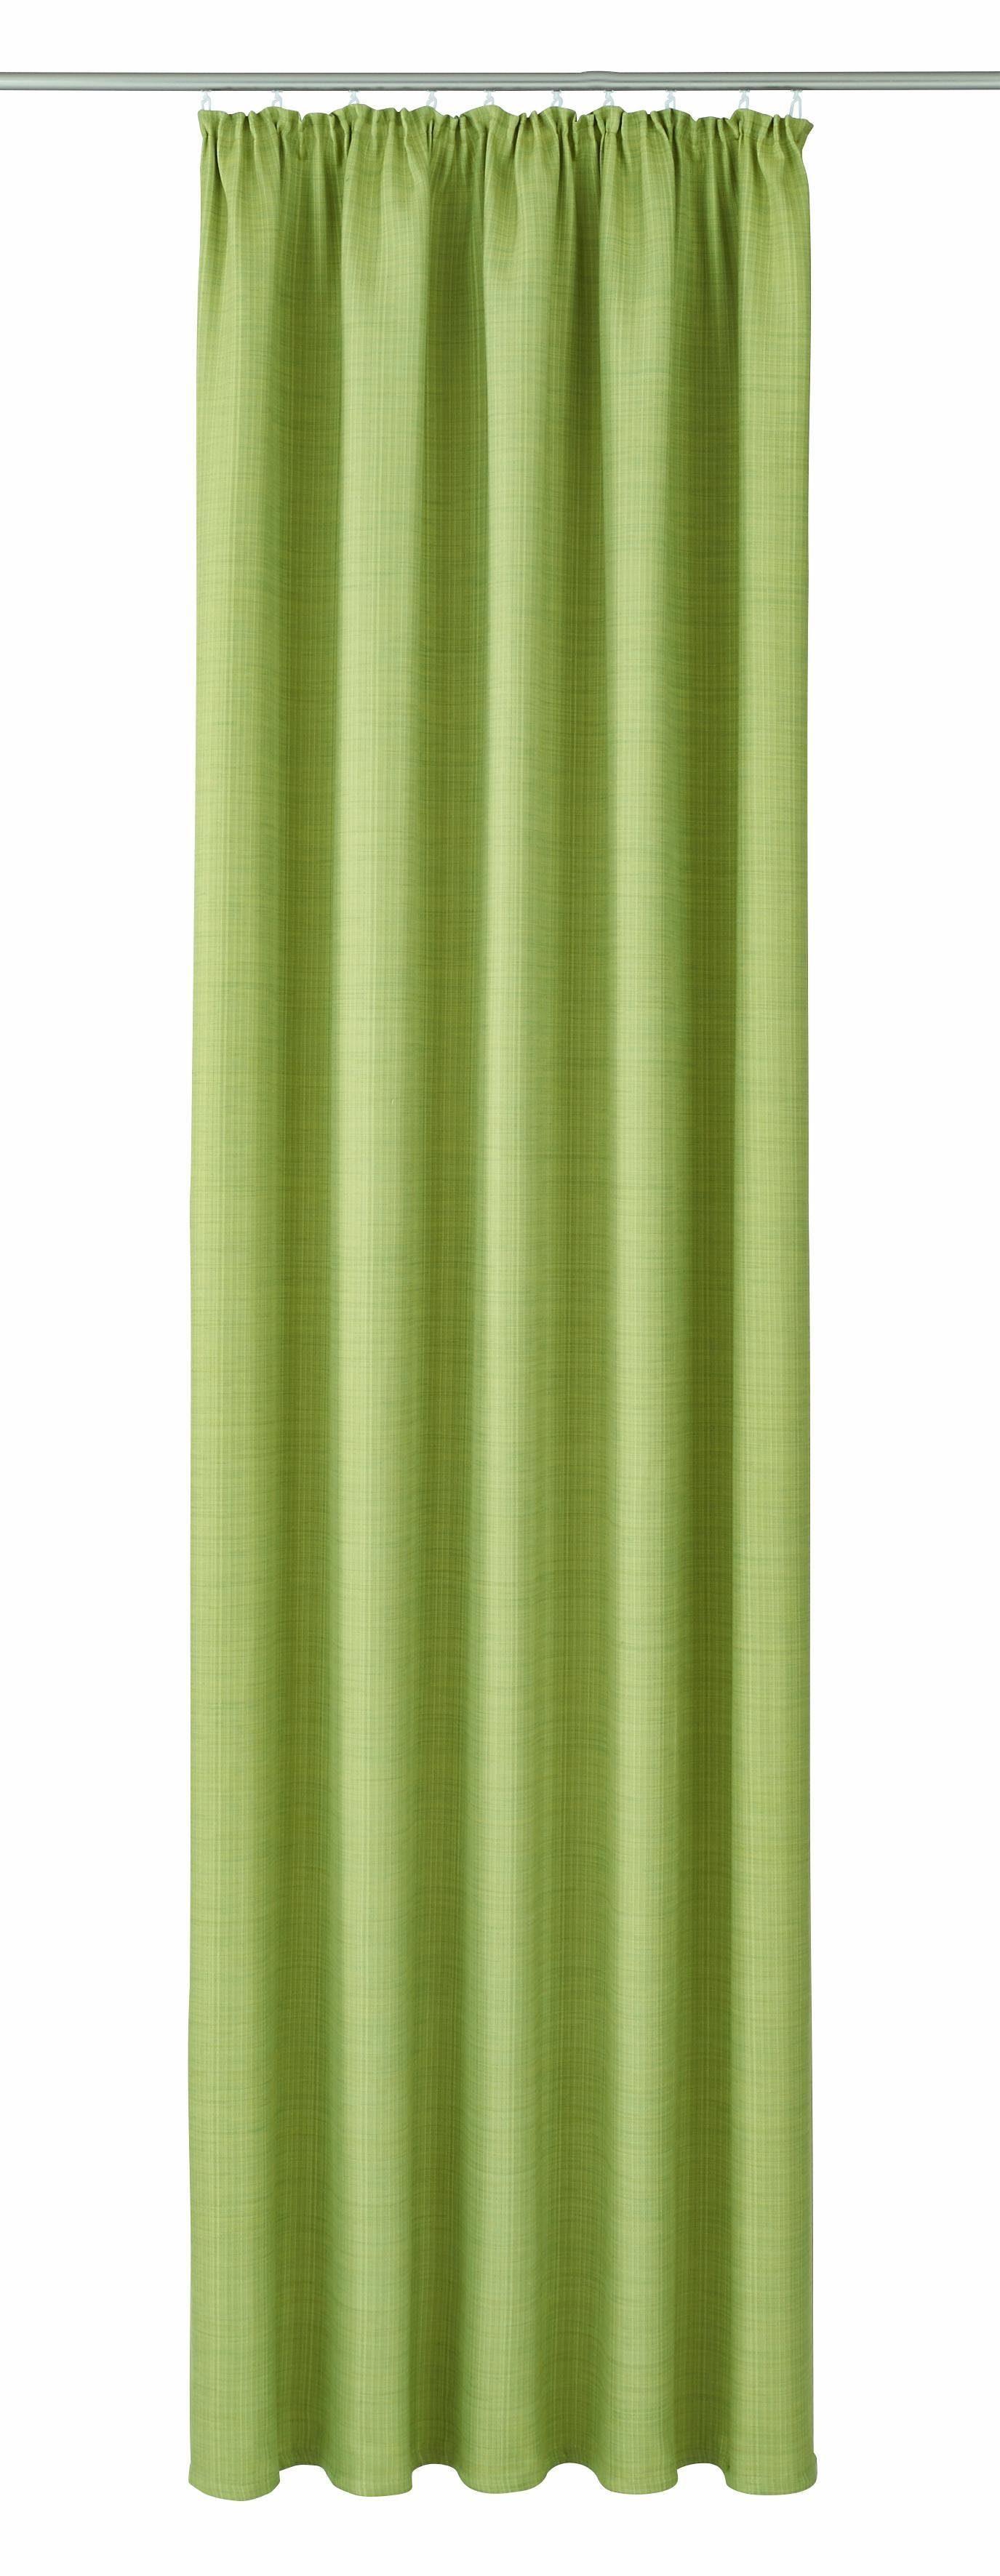 Vorhang, »Pina«, VHG, Kräuselband 1 Stück | Heimtextilien > Gardinen und Vorhänge > Vorhänge | Grün | VHG